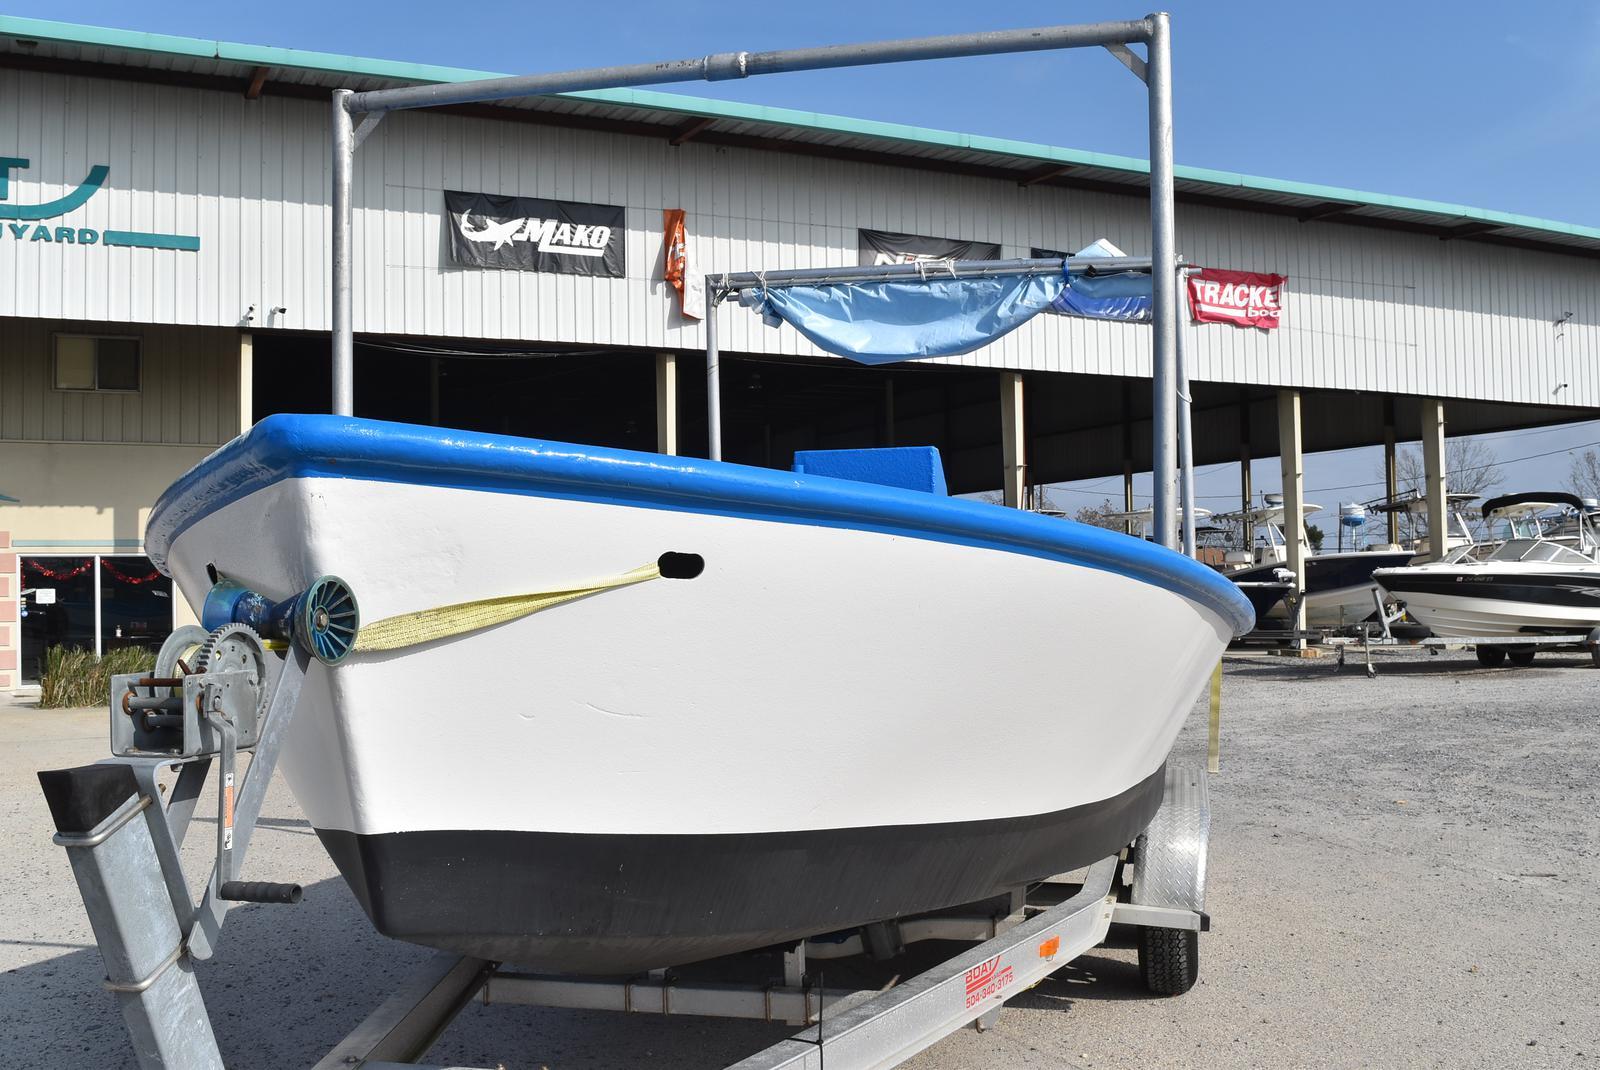 1998 Terrebonne boat for sale, model of the boat is Terrebonne Skiff 22 & Image # 3 of 14